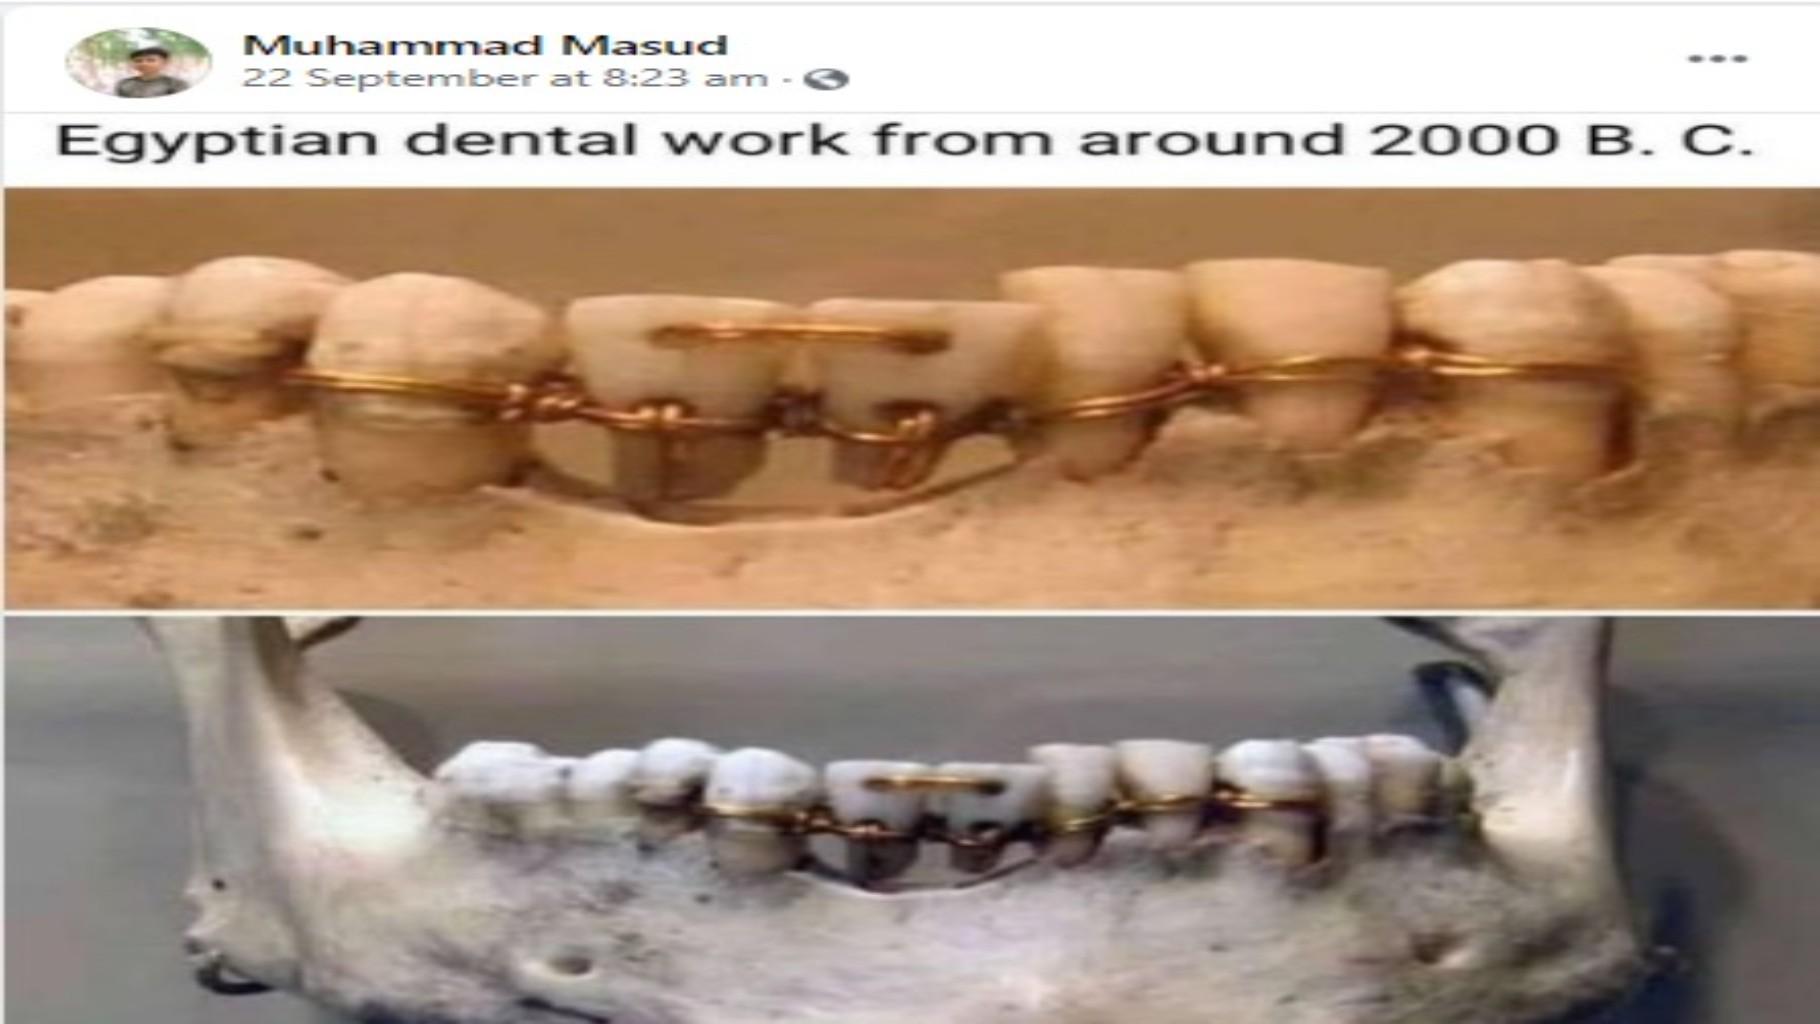 ফ্যাক্ট চেক- বাঁধানো দাঁতের এই ভাইরাল ছবিটি কি মিশরের?